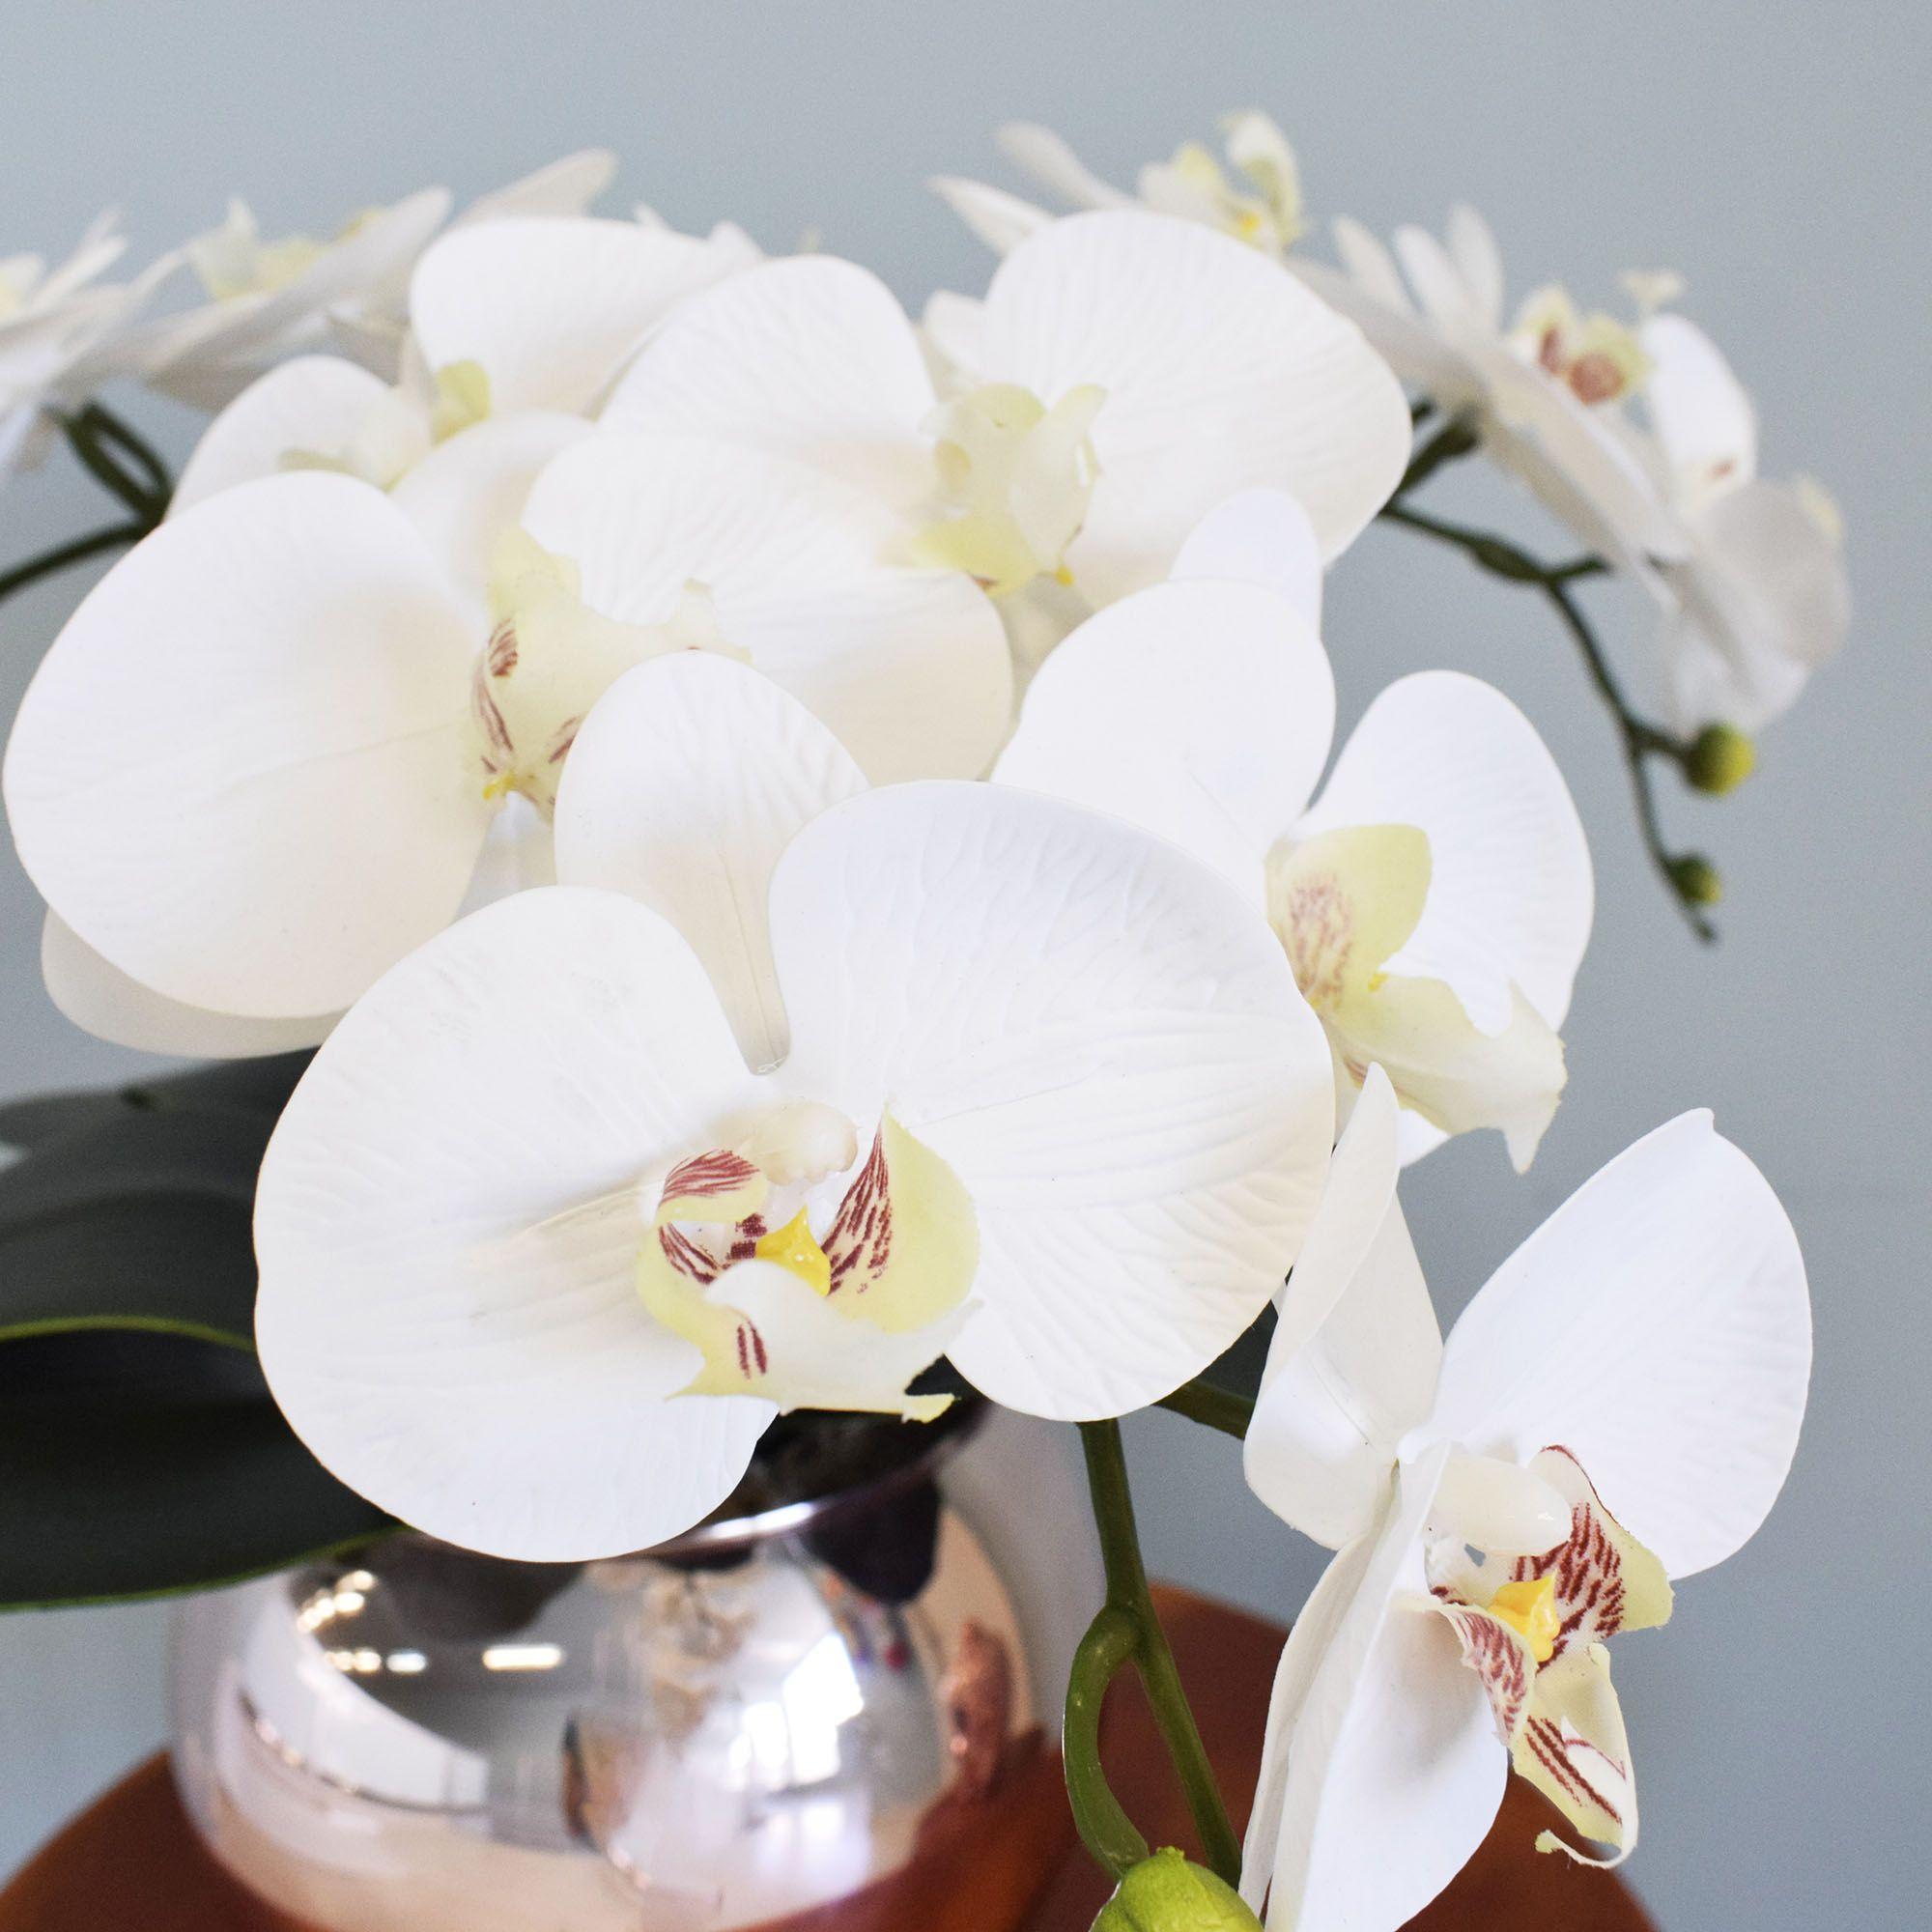 Arranjo de Flores Artificiais |Arranjo de Orquídeas Silicone Brancas no Vaso Rose Gold